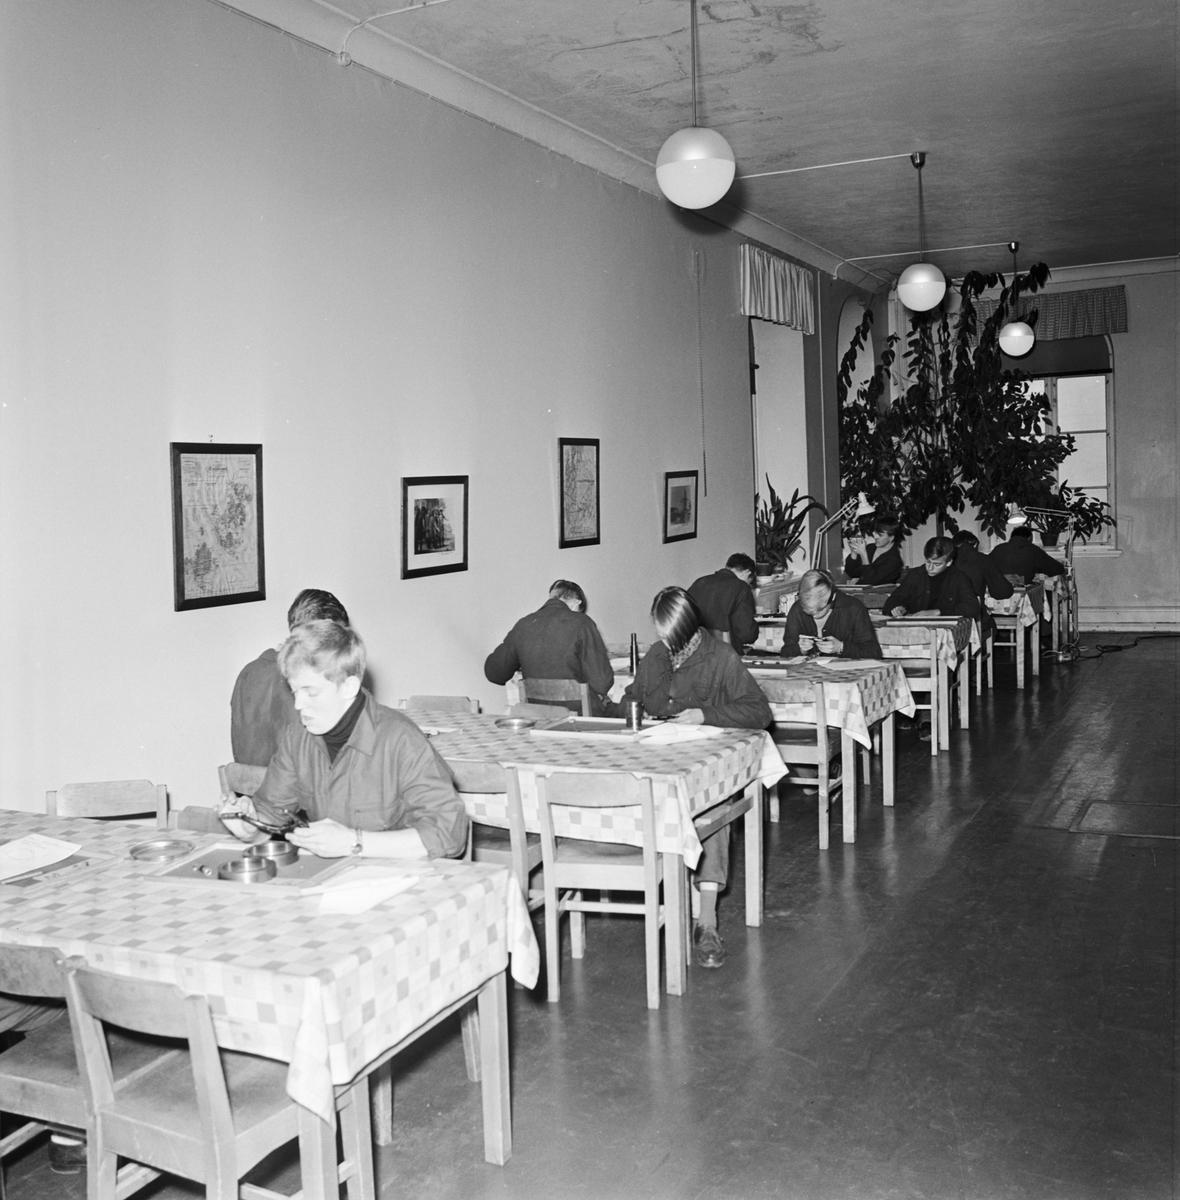 Övrigt: Foto datum: 7/11 1966 Byggnader och kranar Mätprover